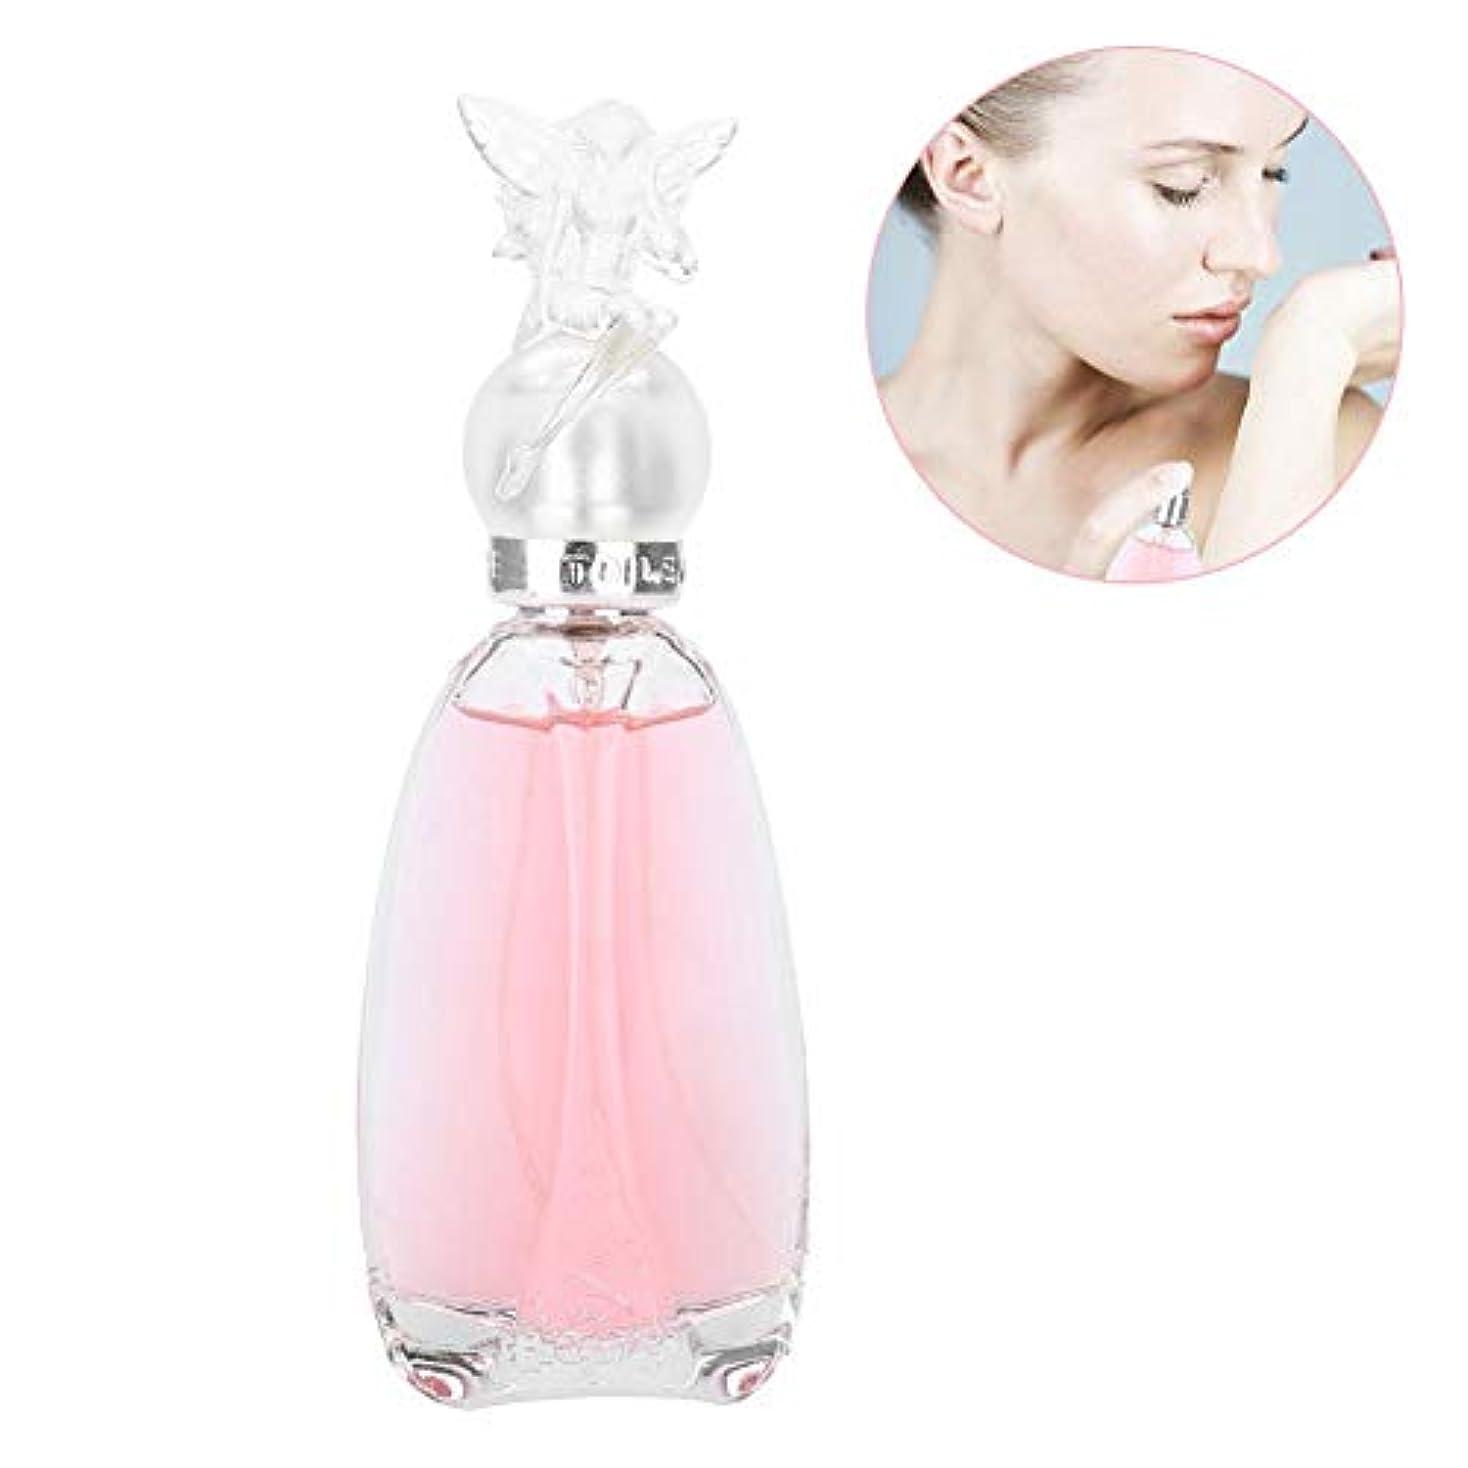 オデュッセウスまっすぐにする味50ミリリットル香水ウォータースプレー、女性のための香水フレッシュフルーツフレグランスパーティー女王香水ガラス瓶セクシーな素晴らしい長続きがする香水(Pink)